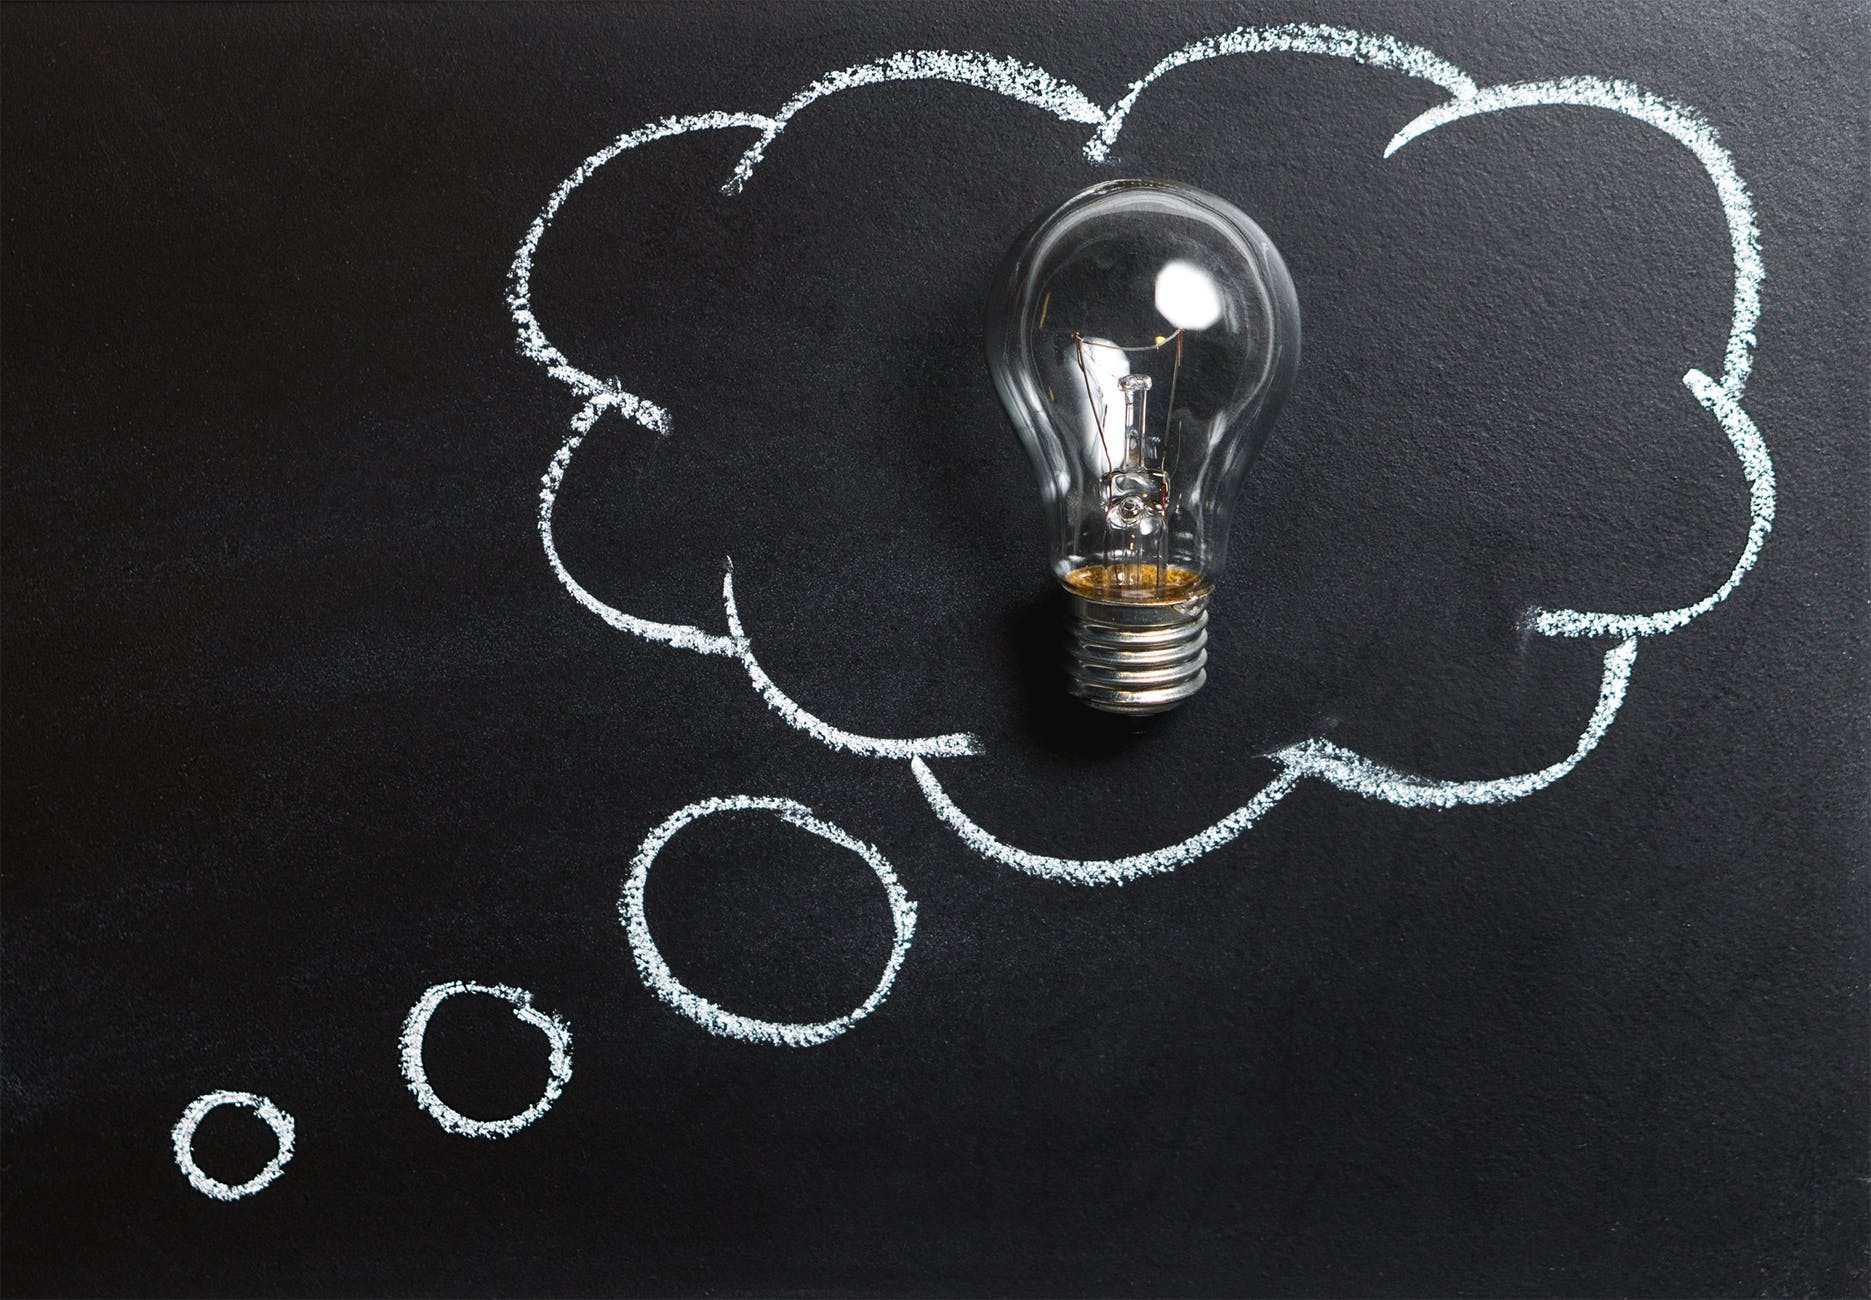 Premio Arcor a la innovación inicia su 7ª convocatoria